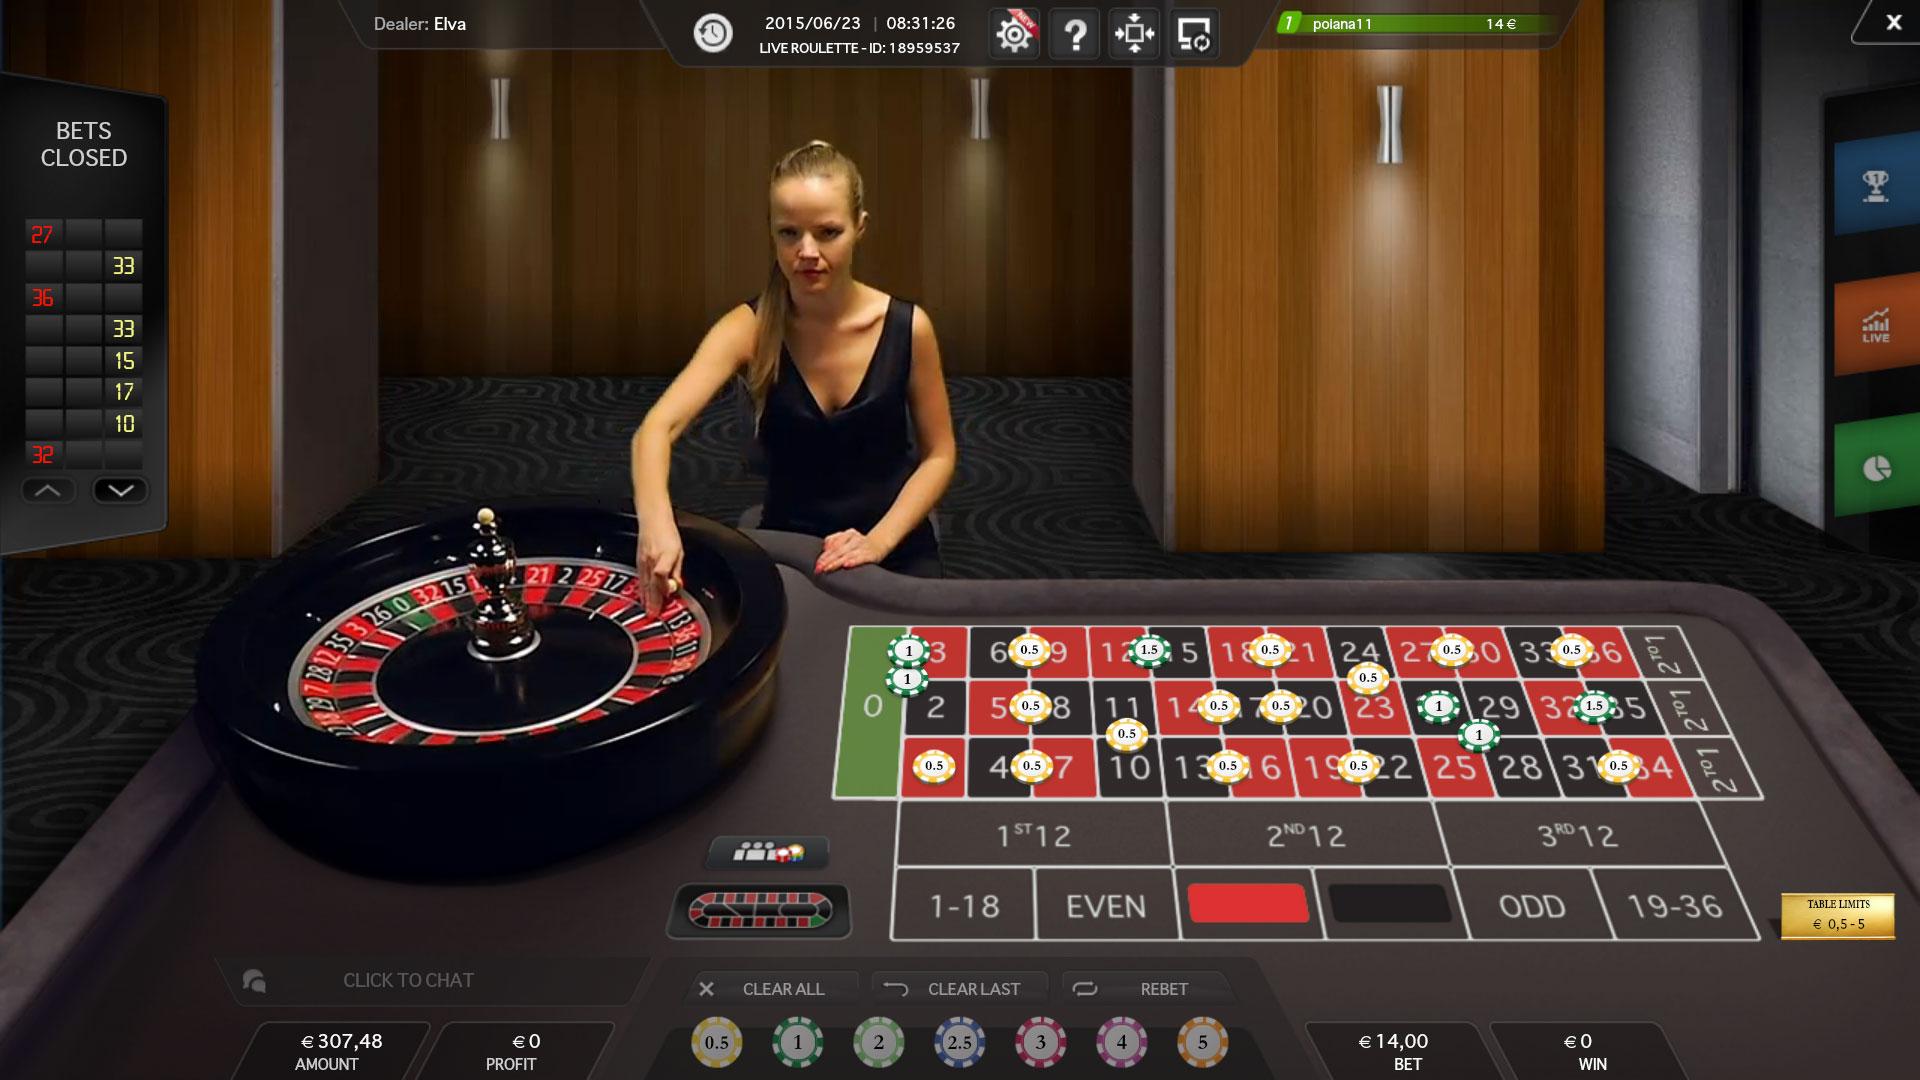 Азартные игры, казино и обслуживающий персонал игорных домов в разные времена